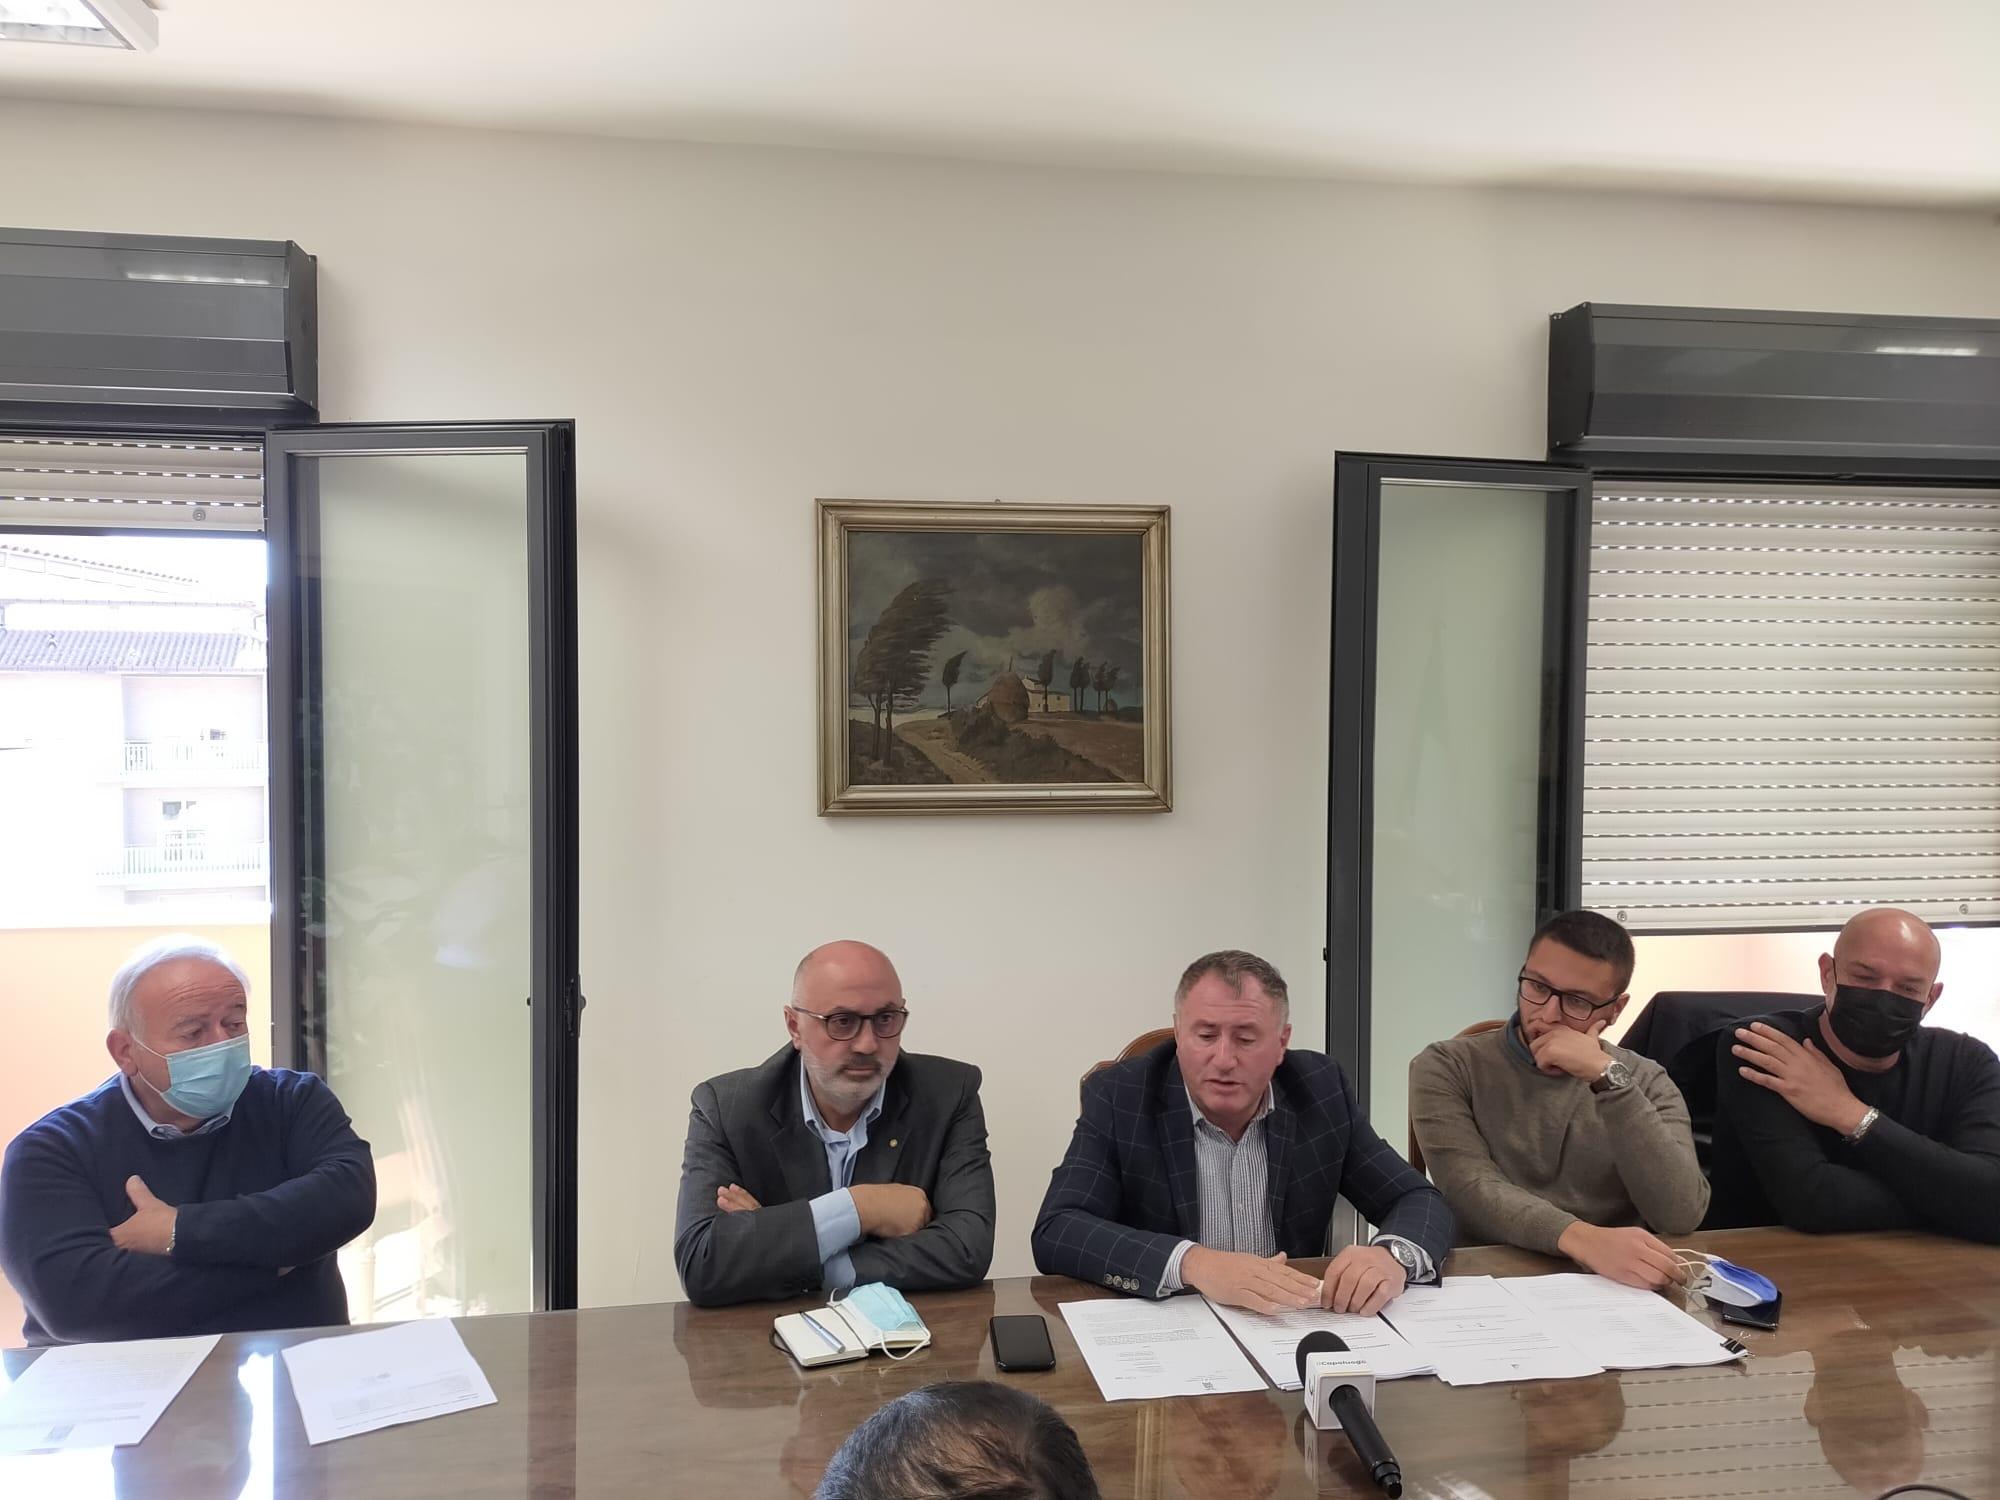 Manutenzione e ispezione degli impianti termici, incontro in Provincia all'Aquila